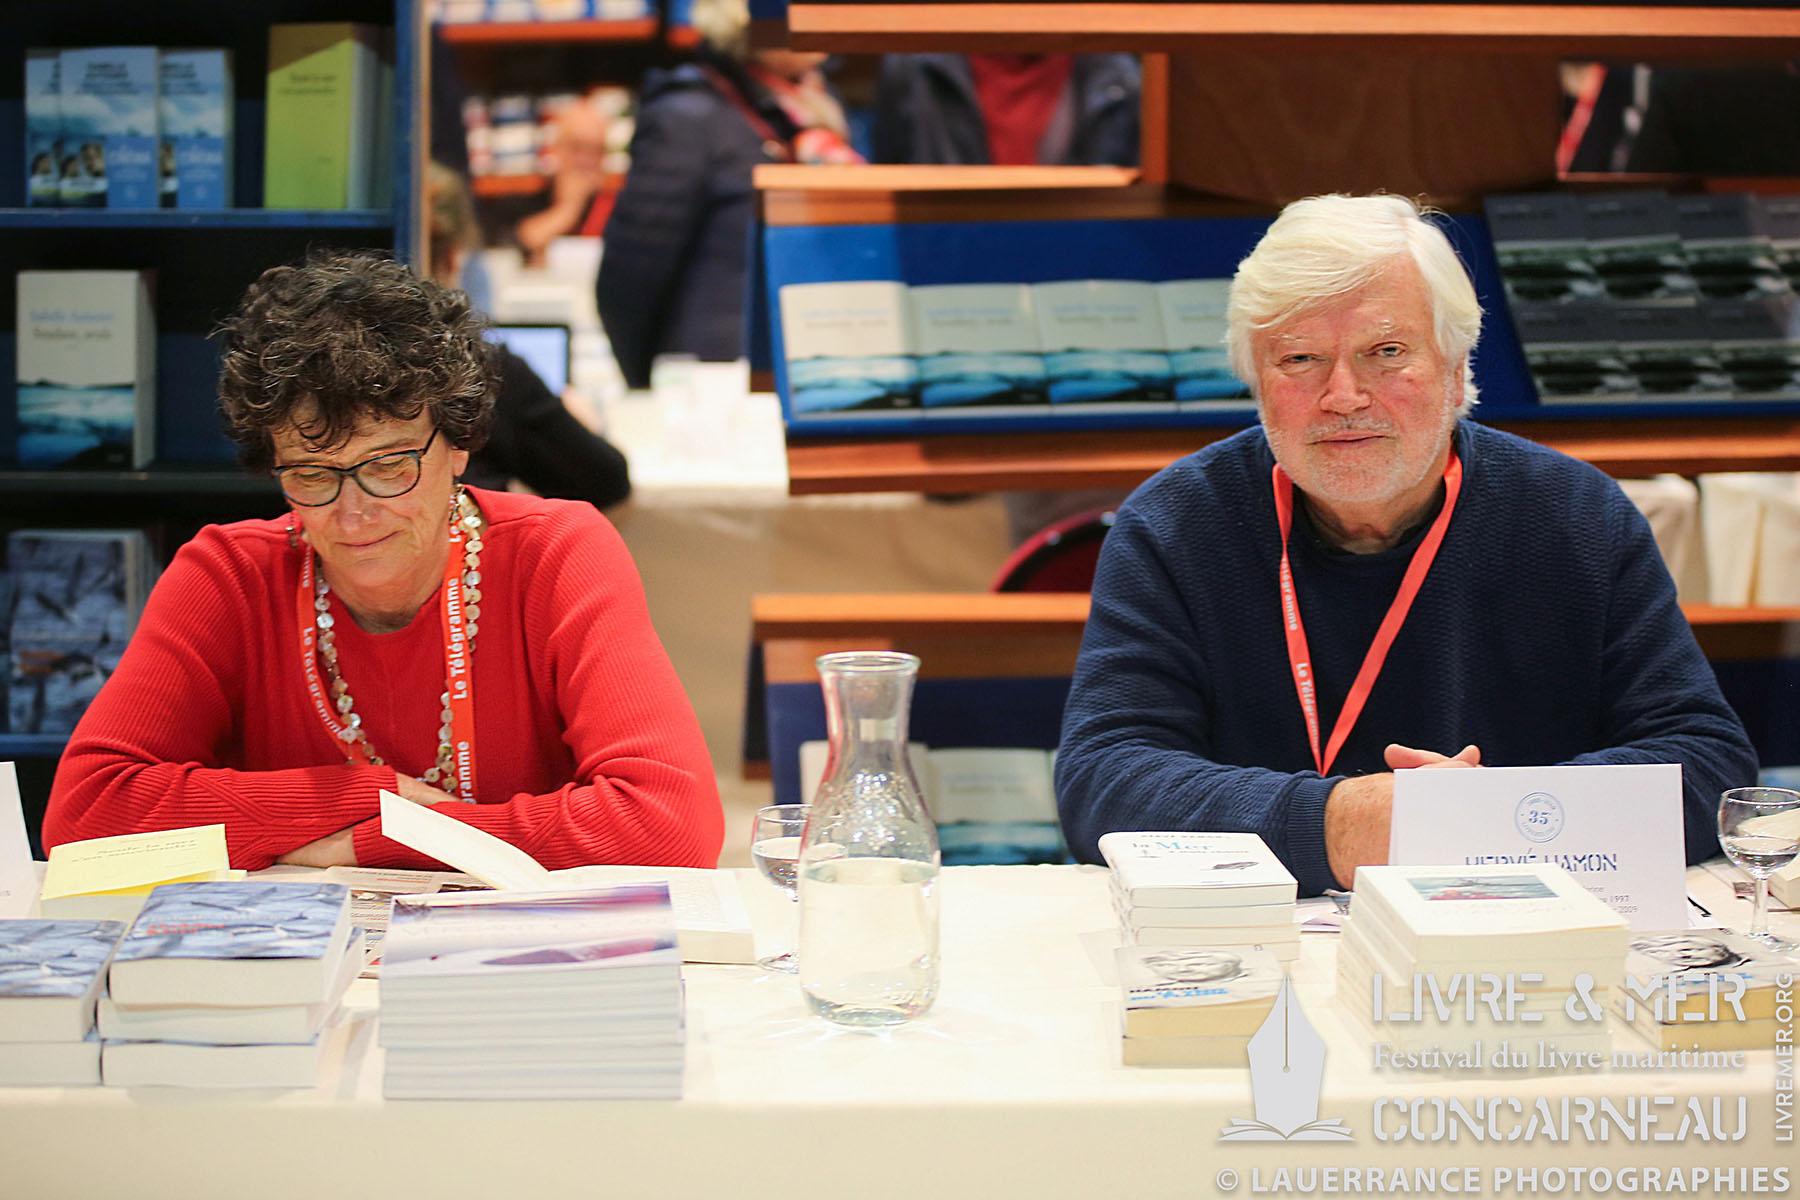 Isabelle Autissier & Hervé Hamon © Lauerrance Photographies